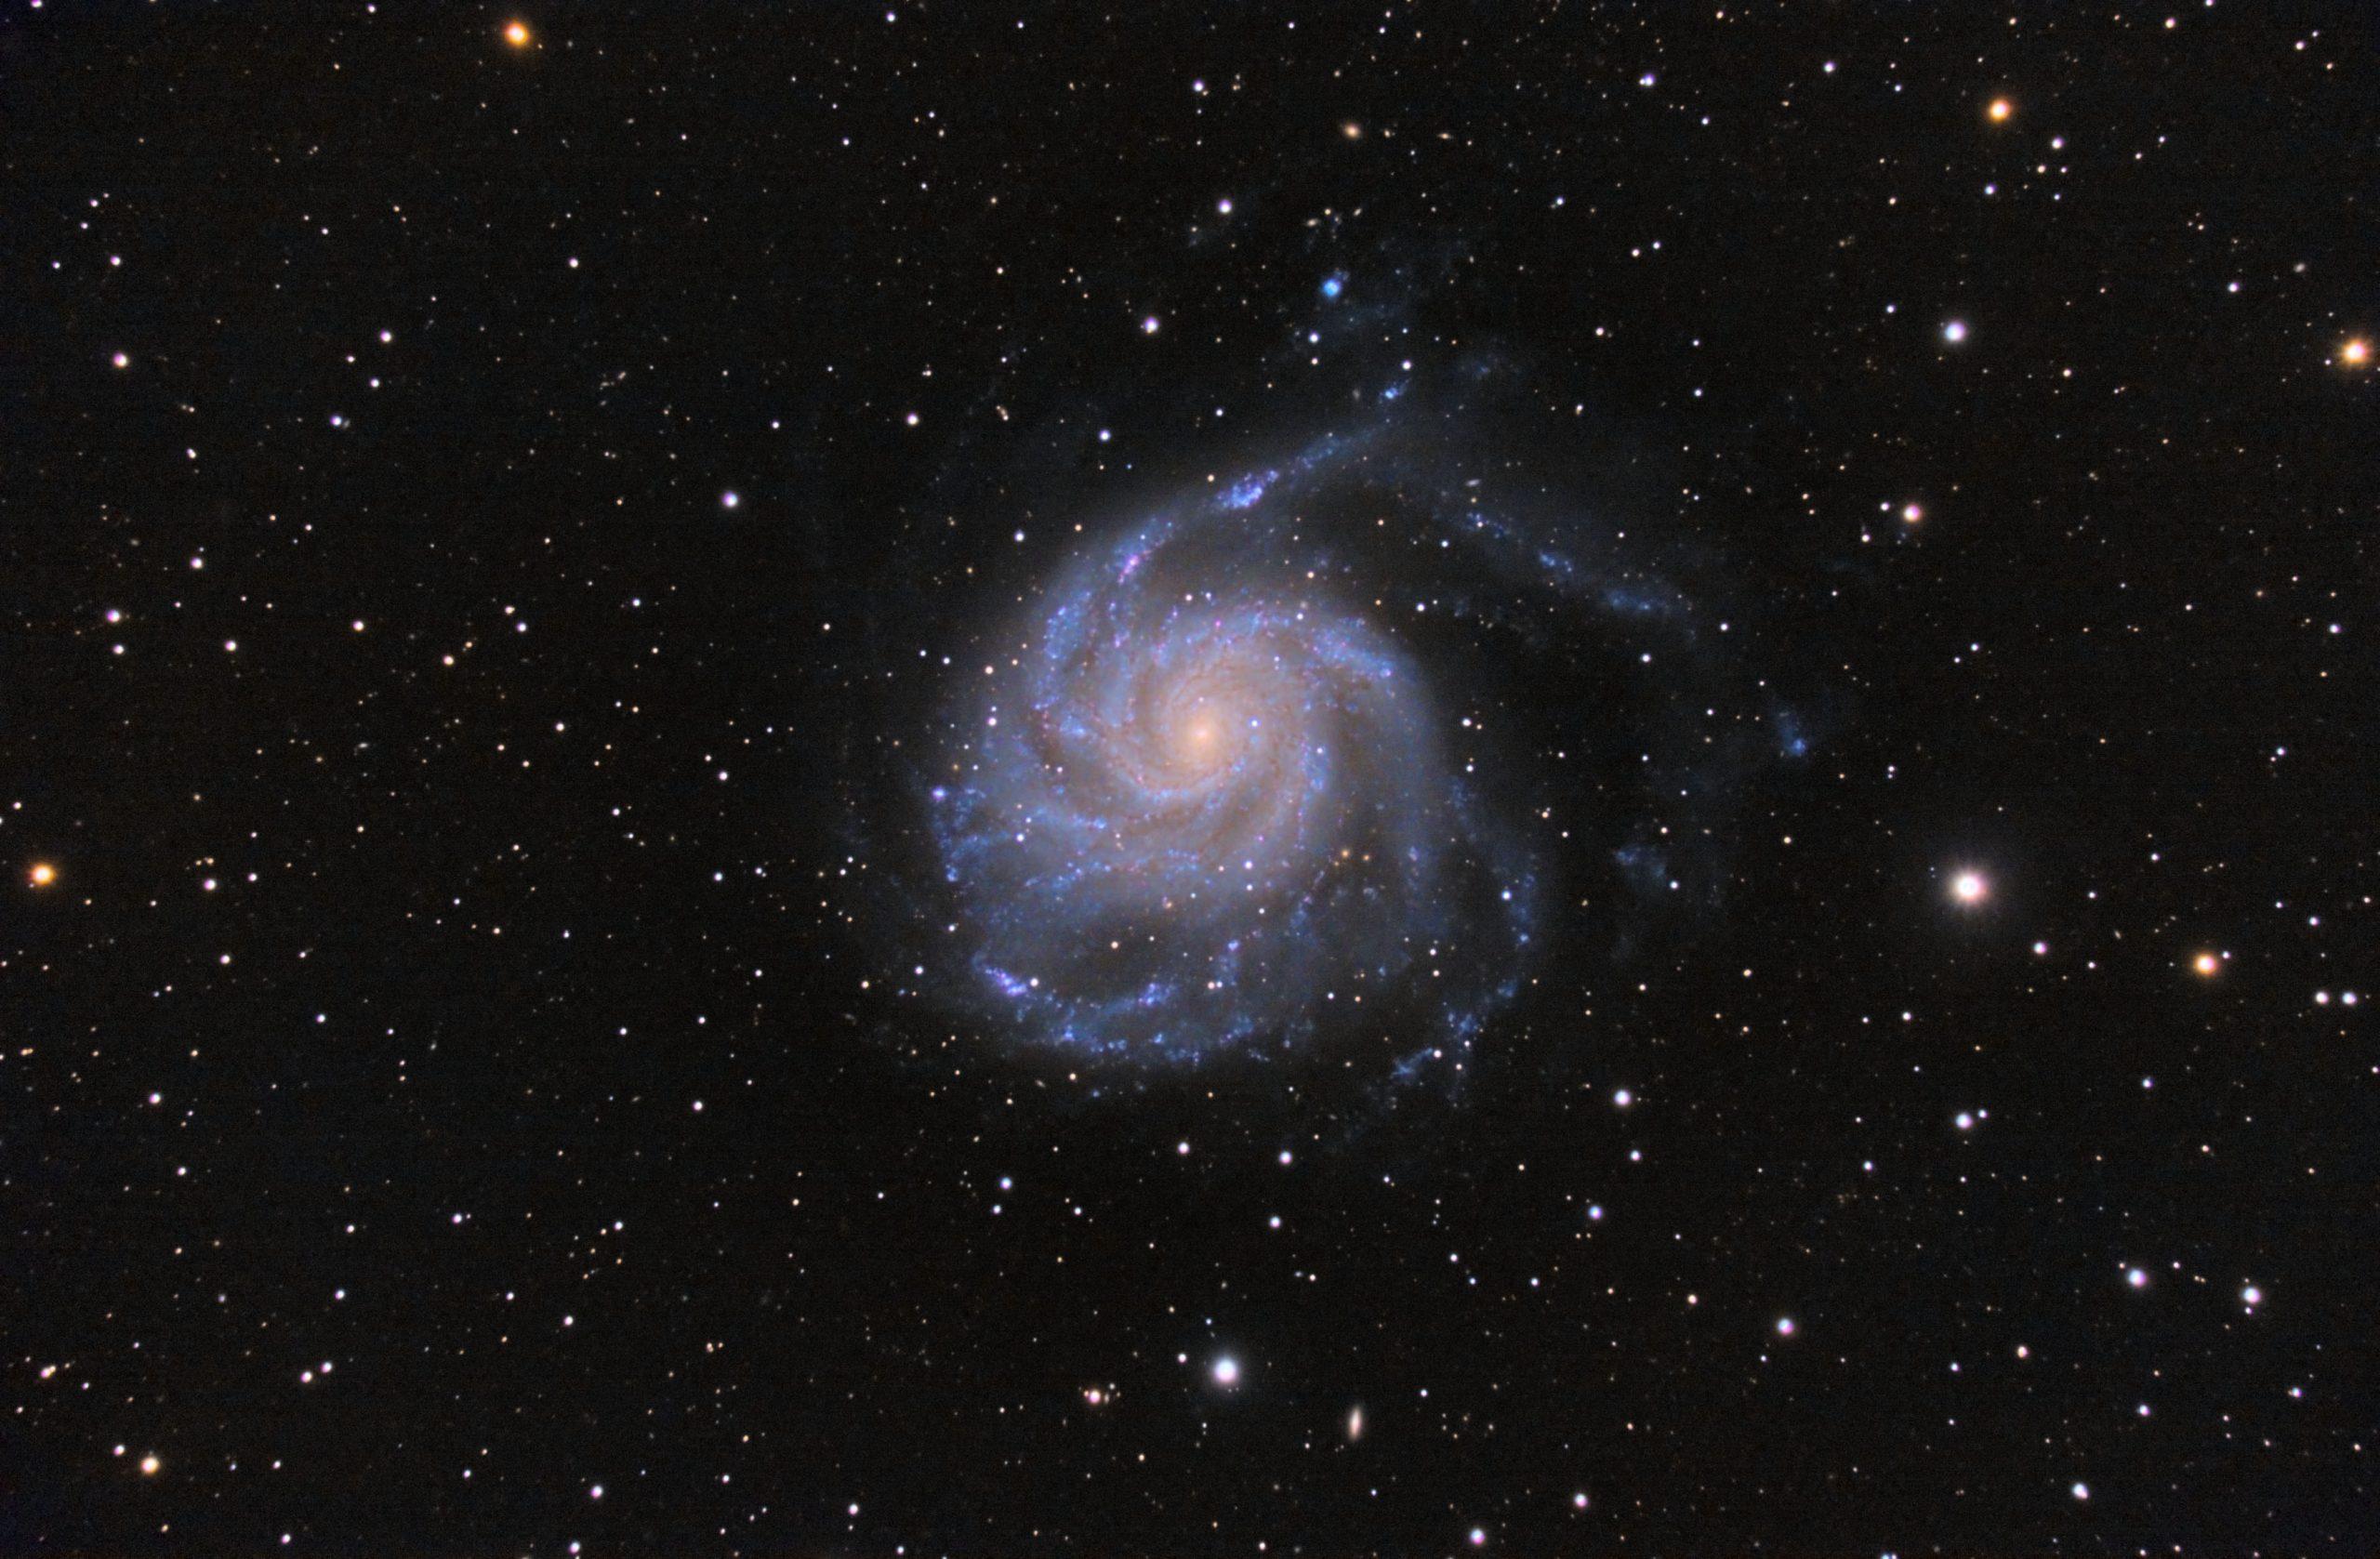 M101 im Großen Bär